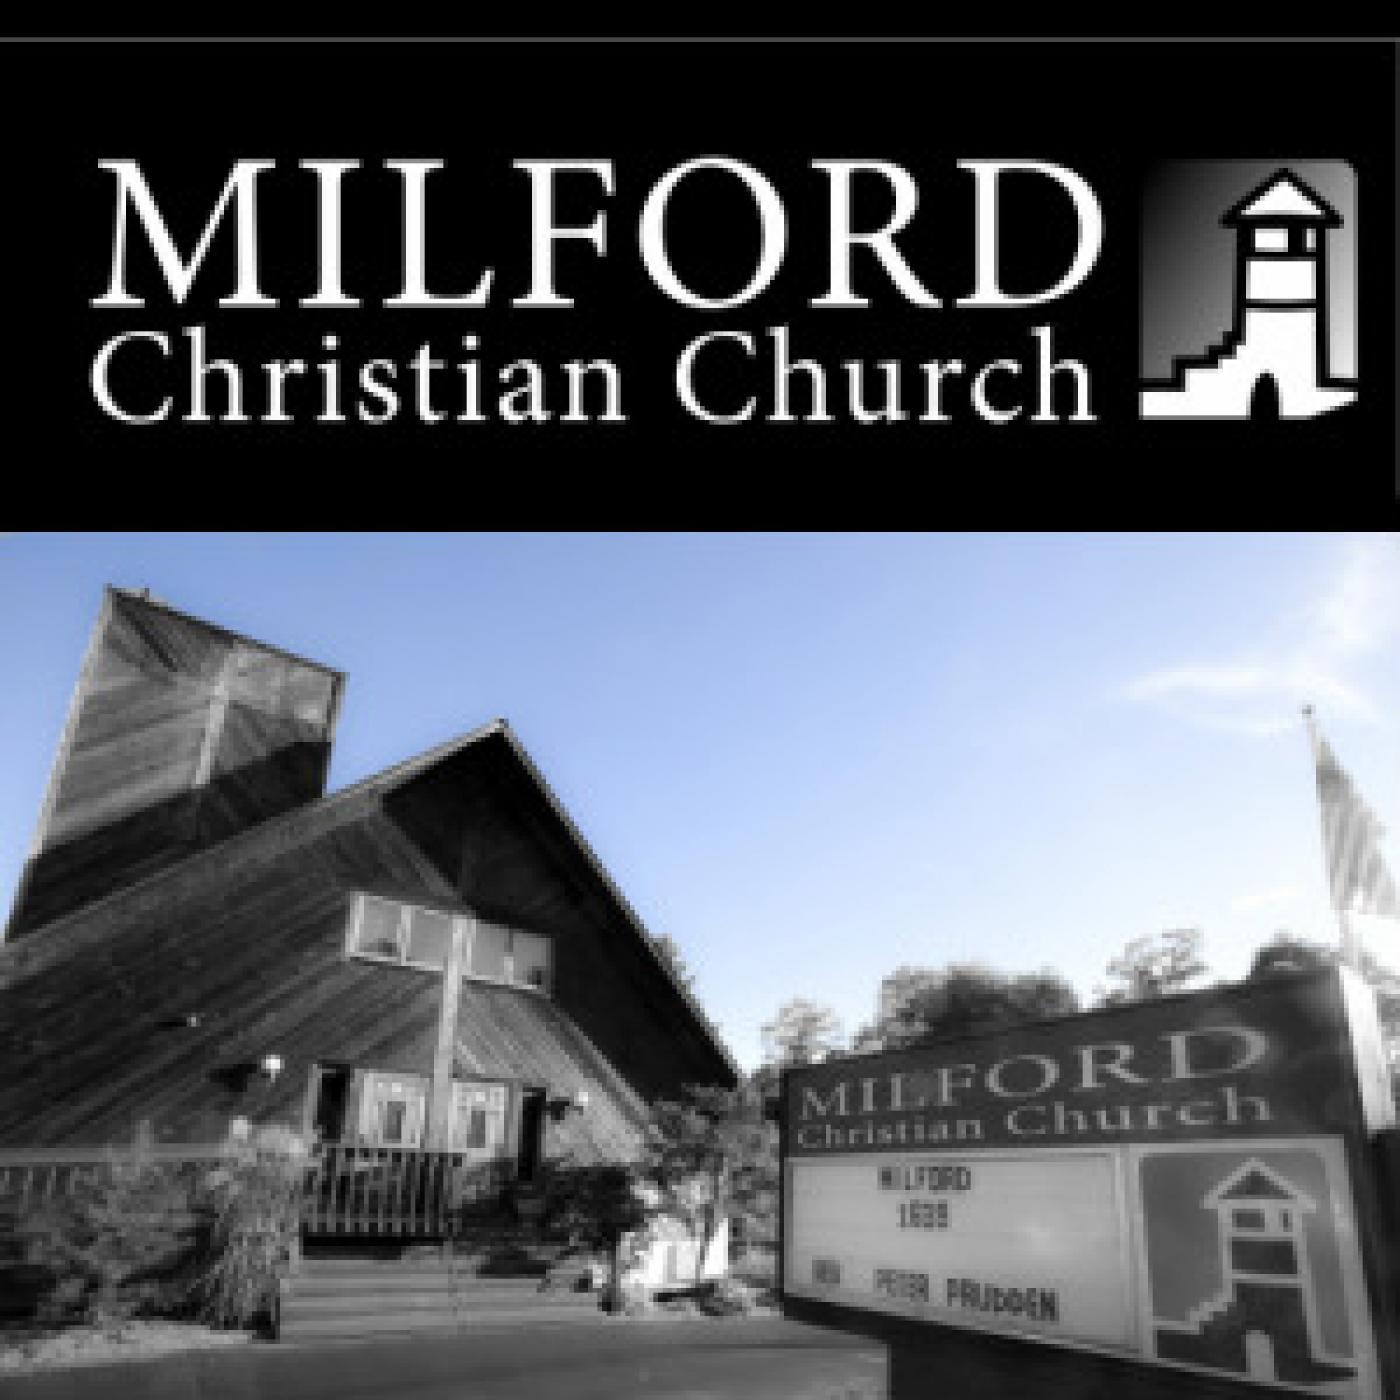 Milford Christian Church